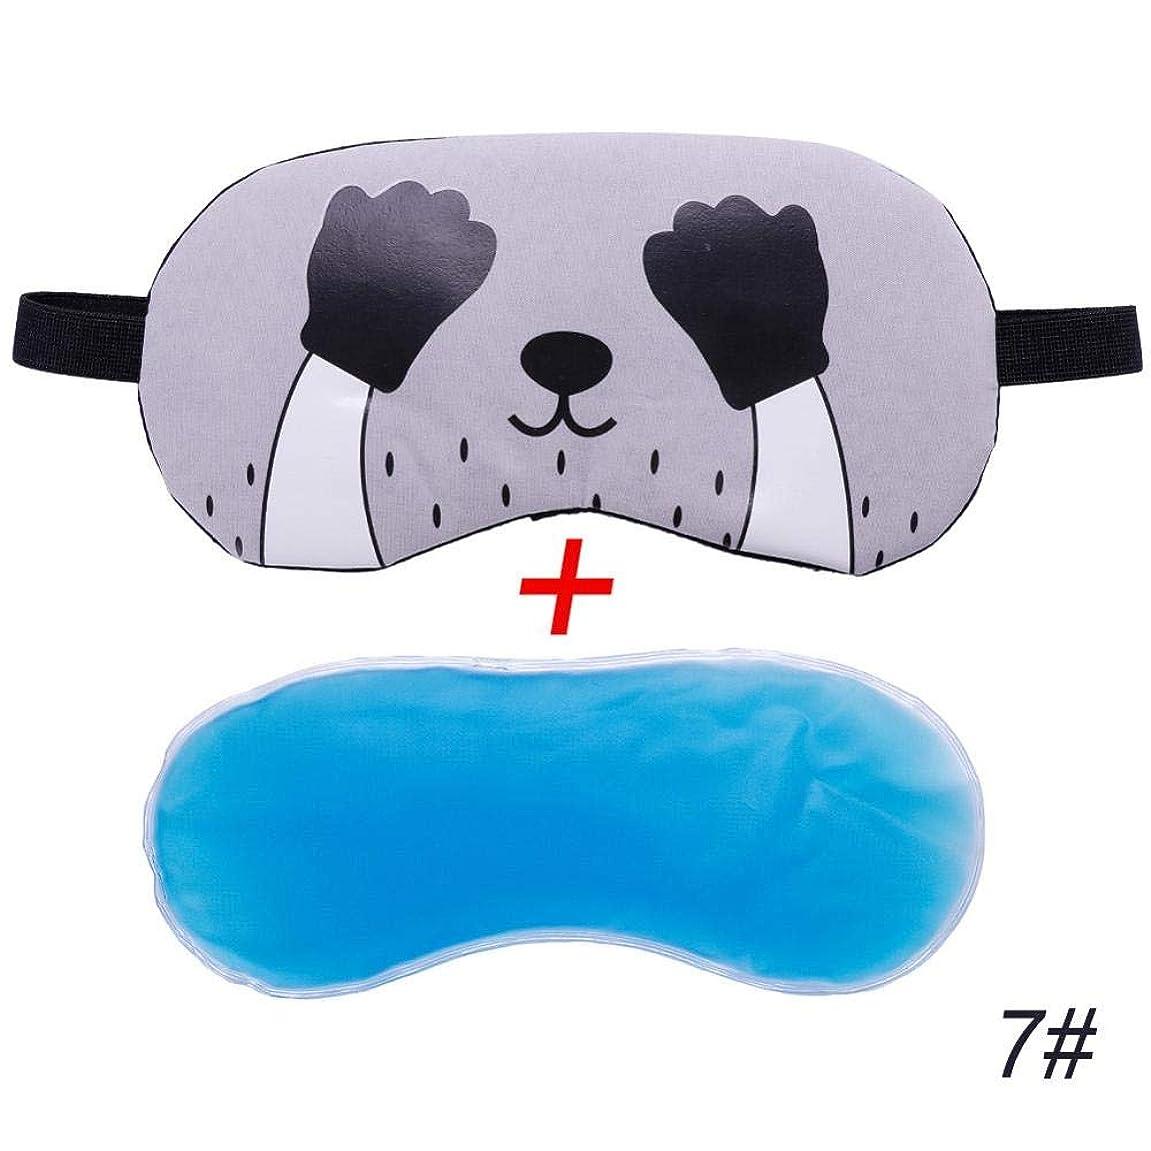 高める熱心なグラマーNOTE 1ピース漫画リラックスアイス圧縮アイシェード睡眠マスク包帯目の睡眠のためのアイシェード緩和疲労#280205